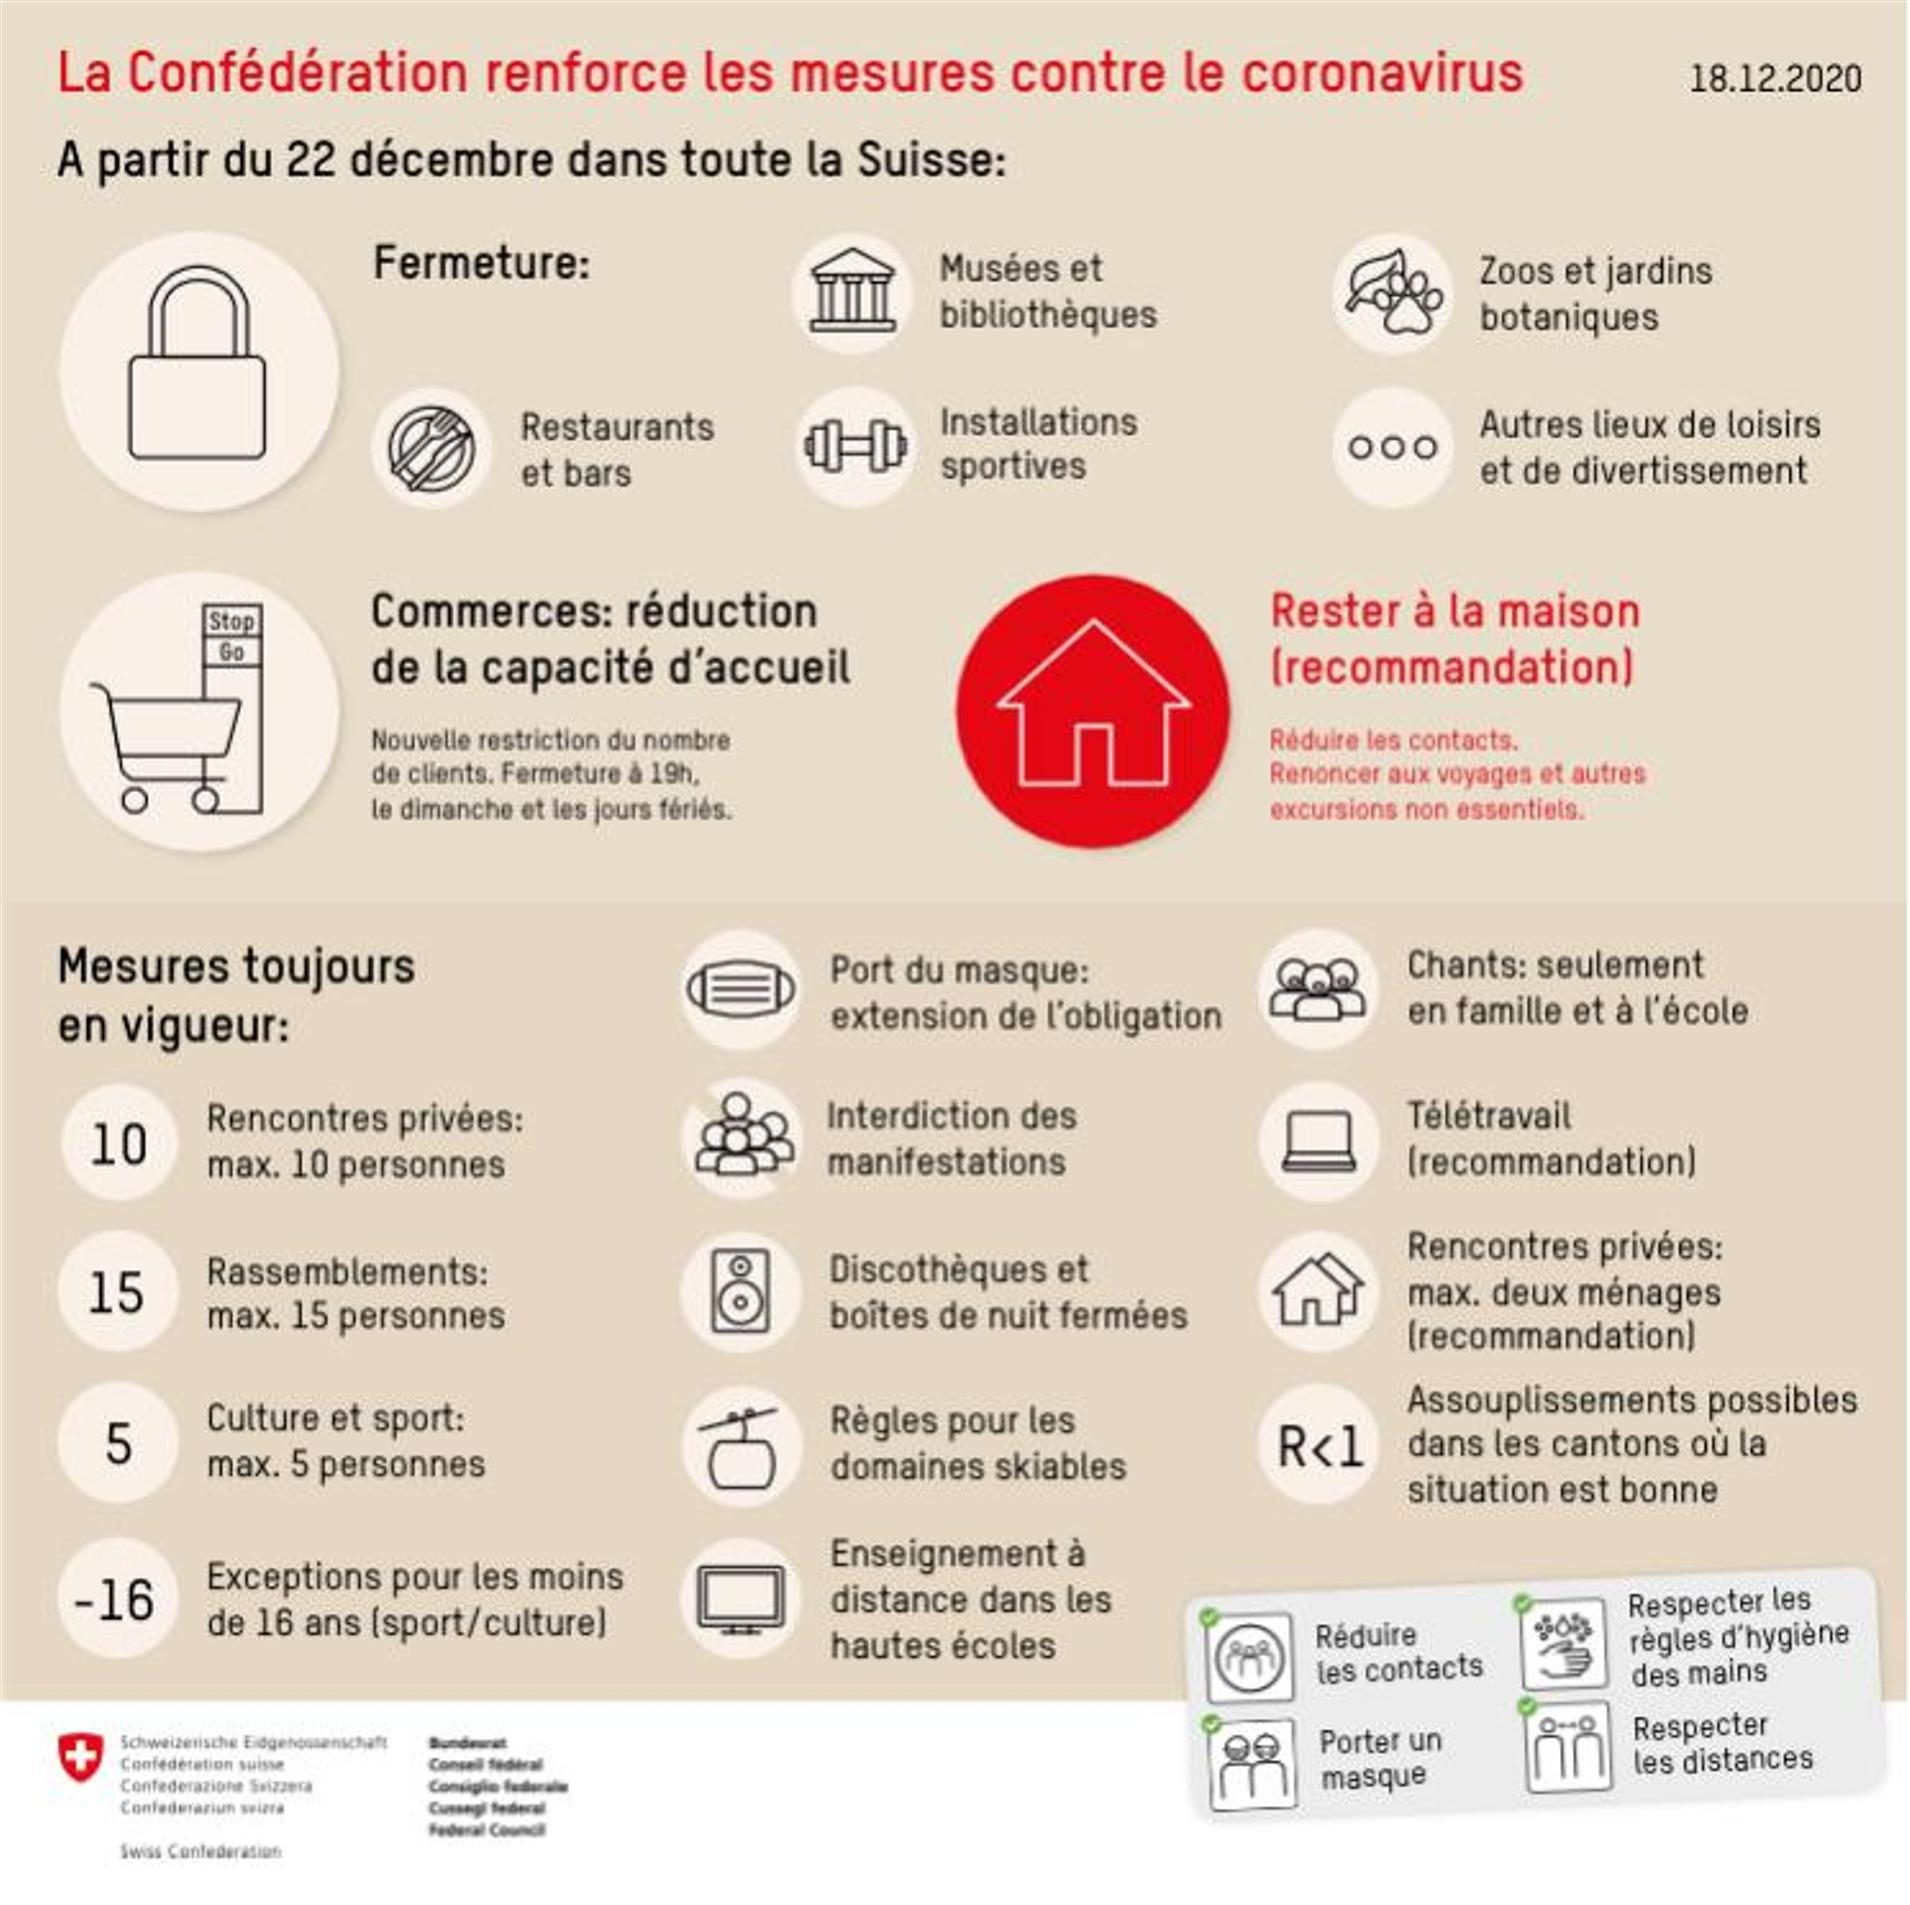 mesures suisse deuxième vague épidémie coronavirus couvre feu 19h fêtes de fin d'année magasins bars restaurants genève fêtes